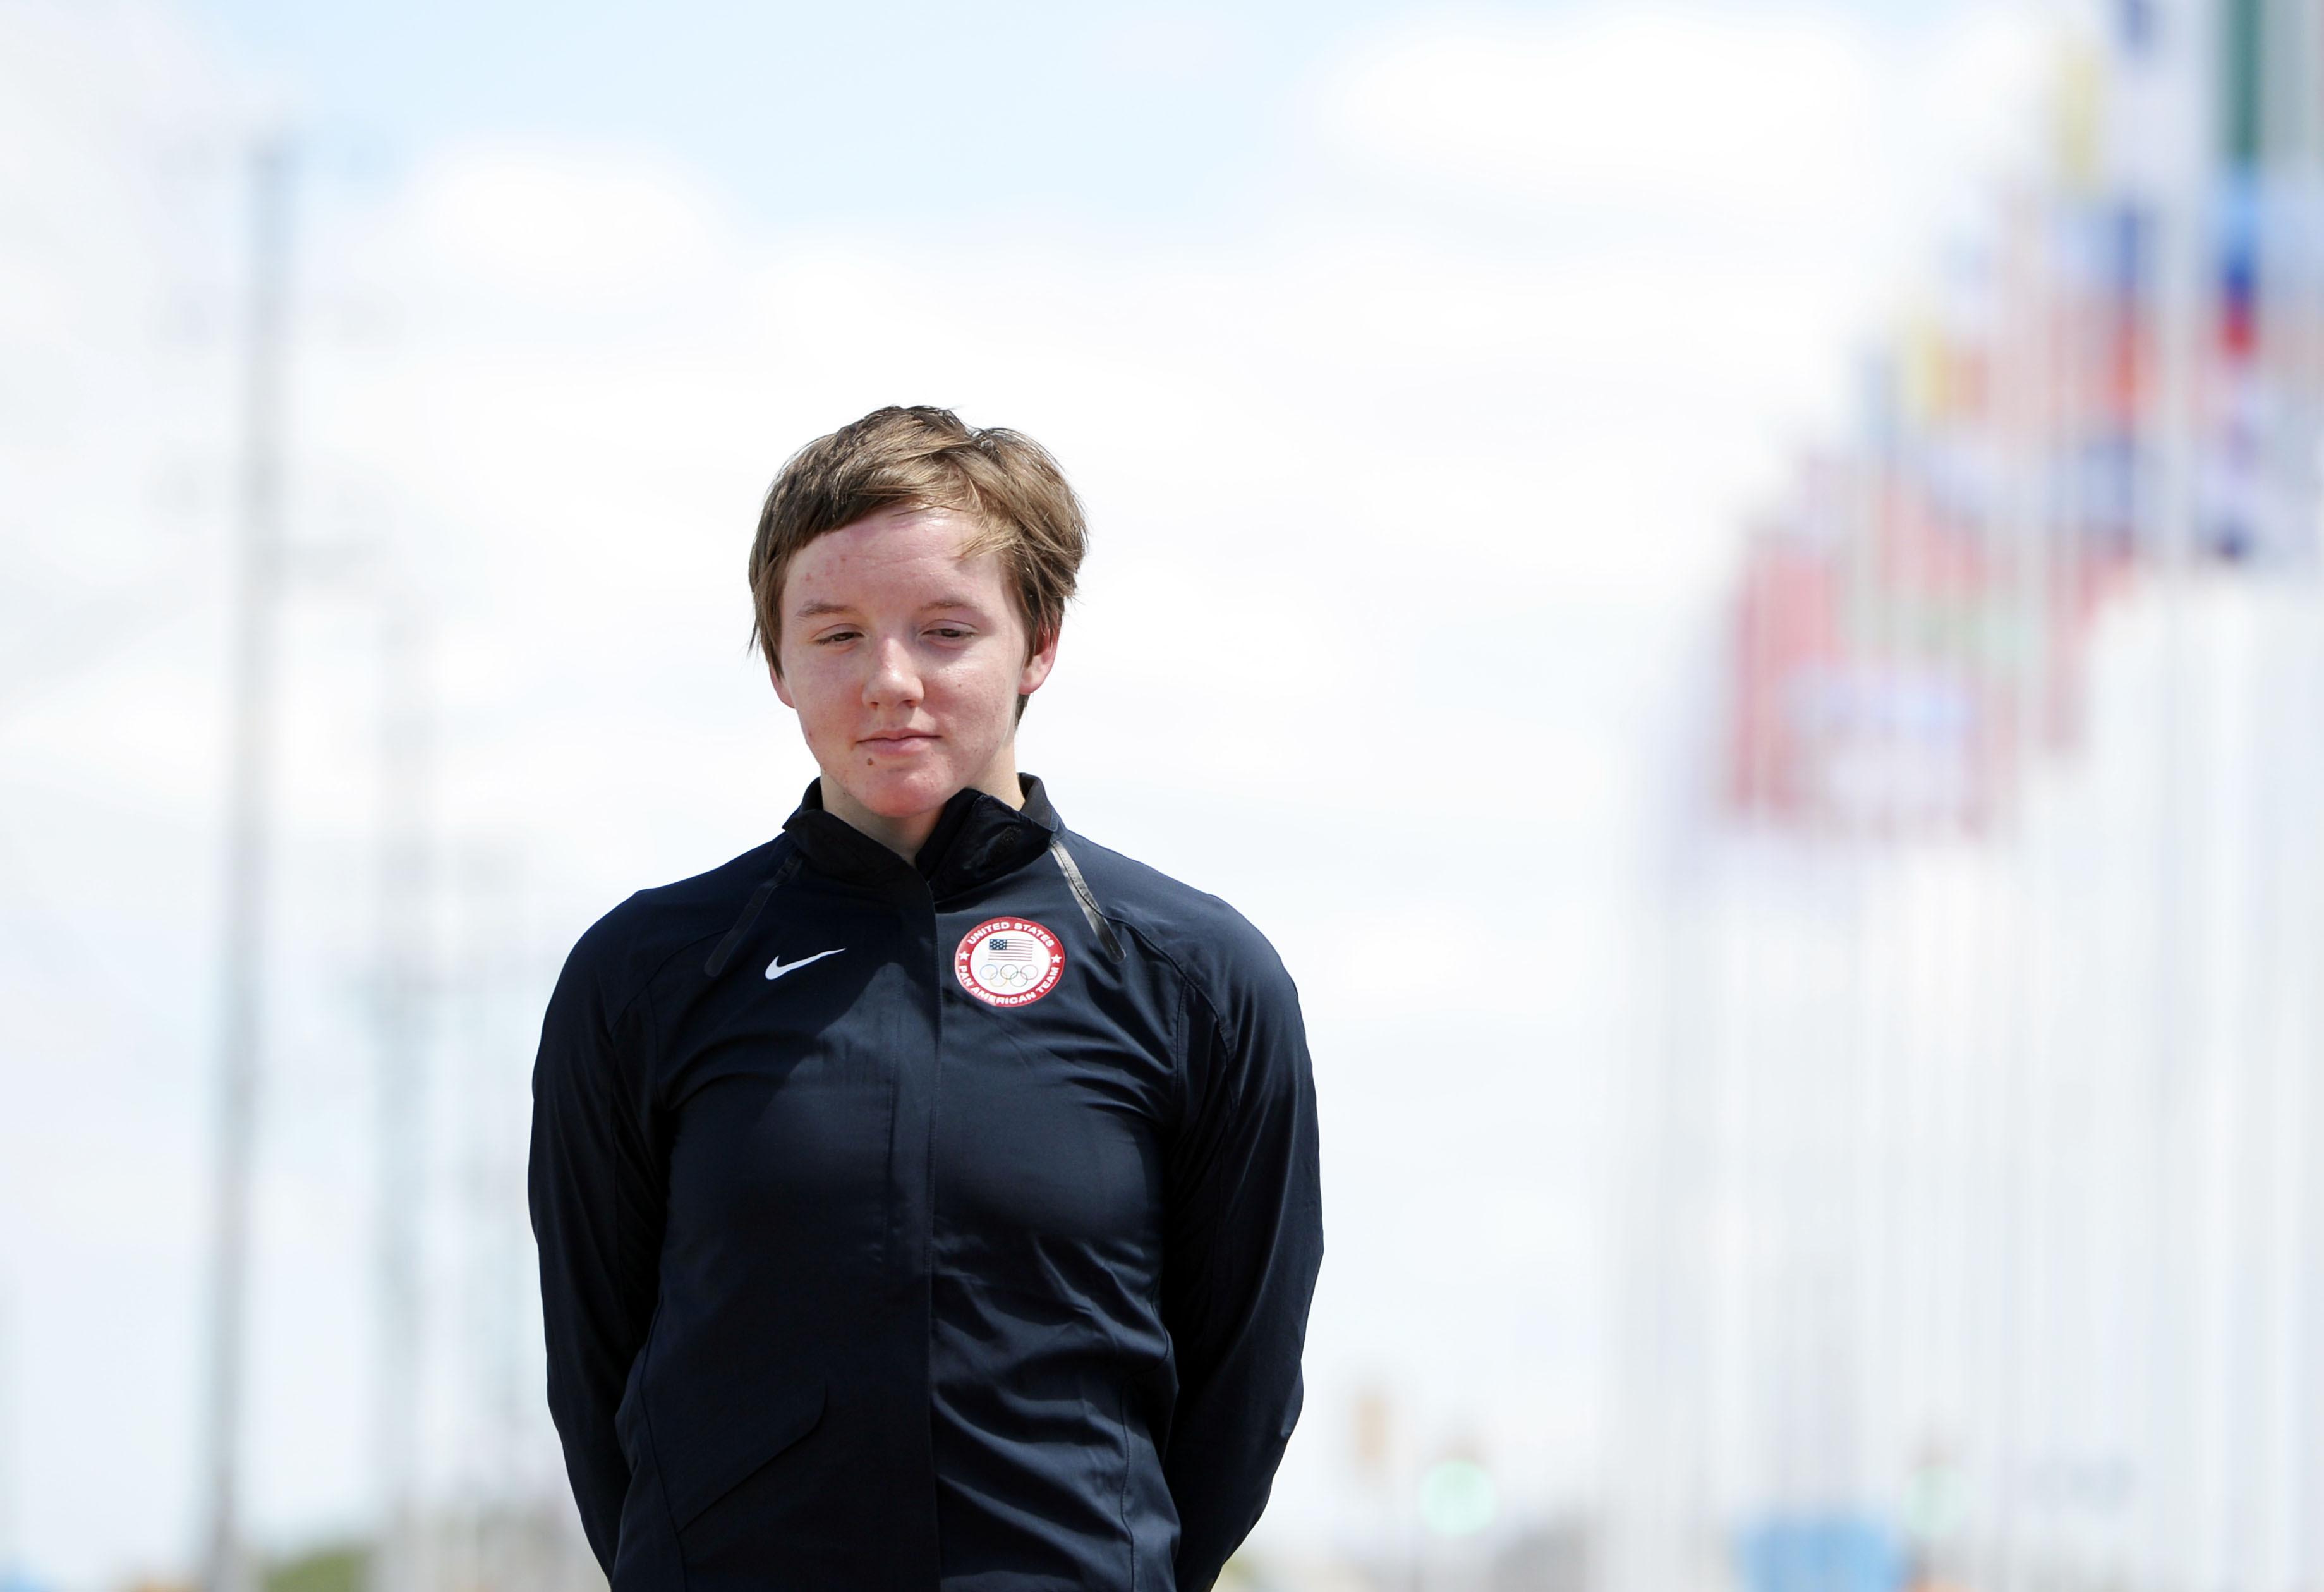 Tricampeã de ciclismo Kelly Catlin foi encontrada morta. Tinha 23 anos